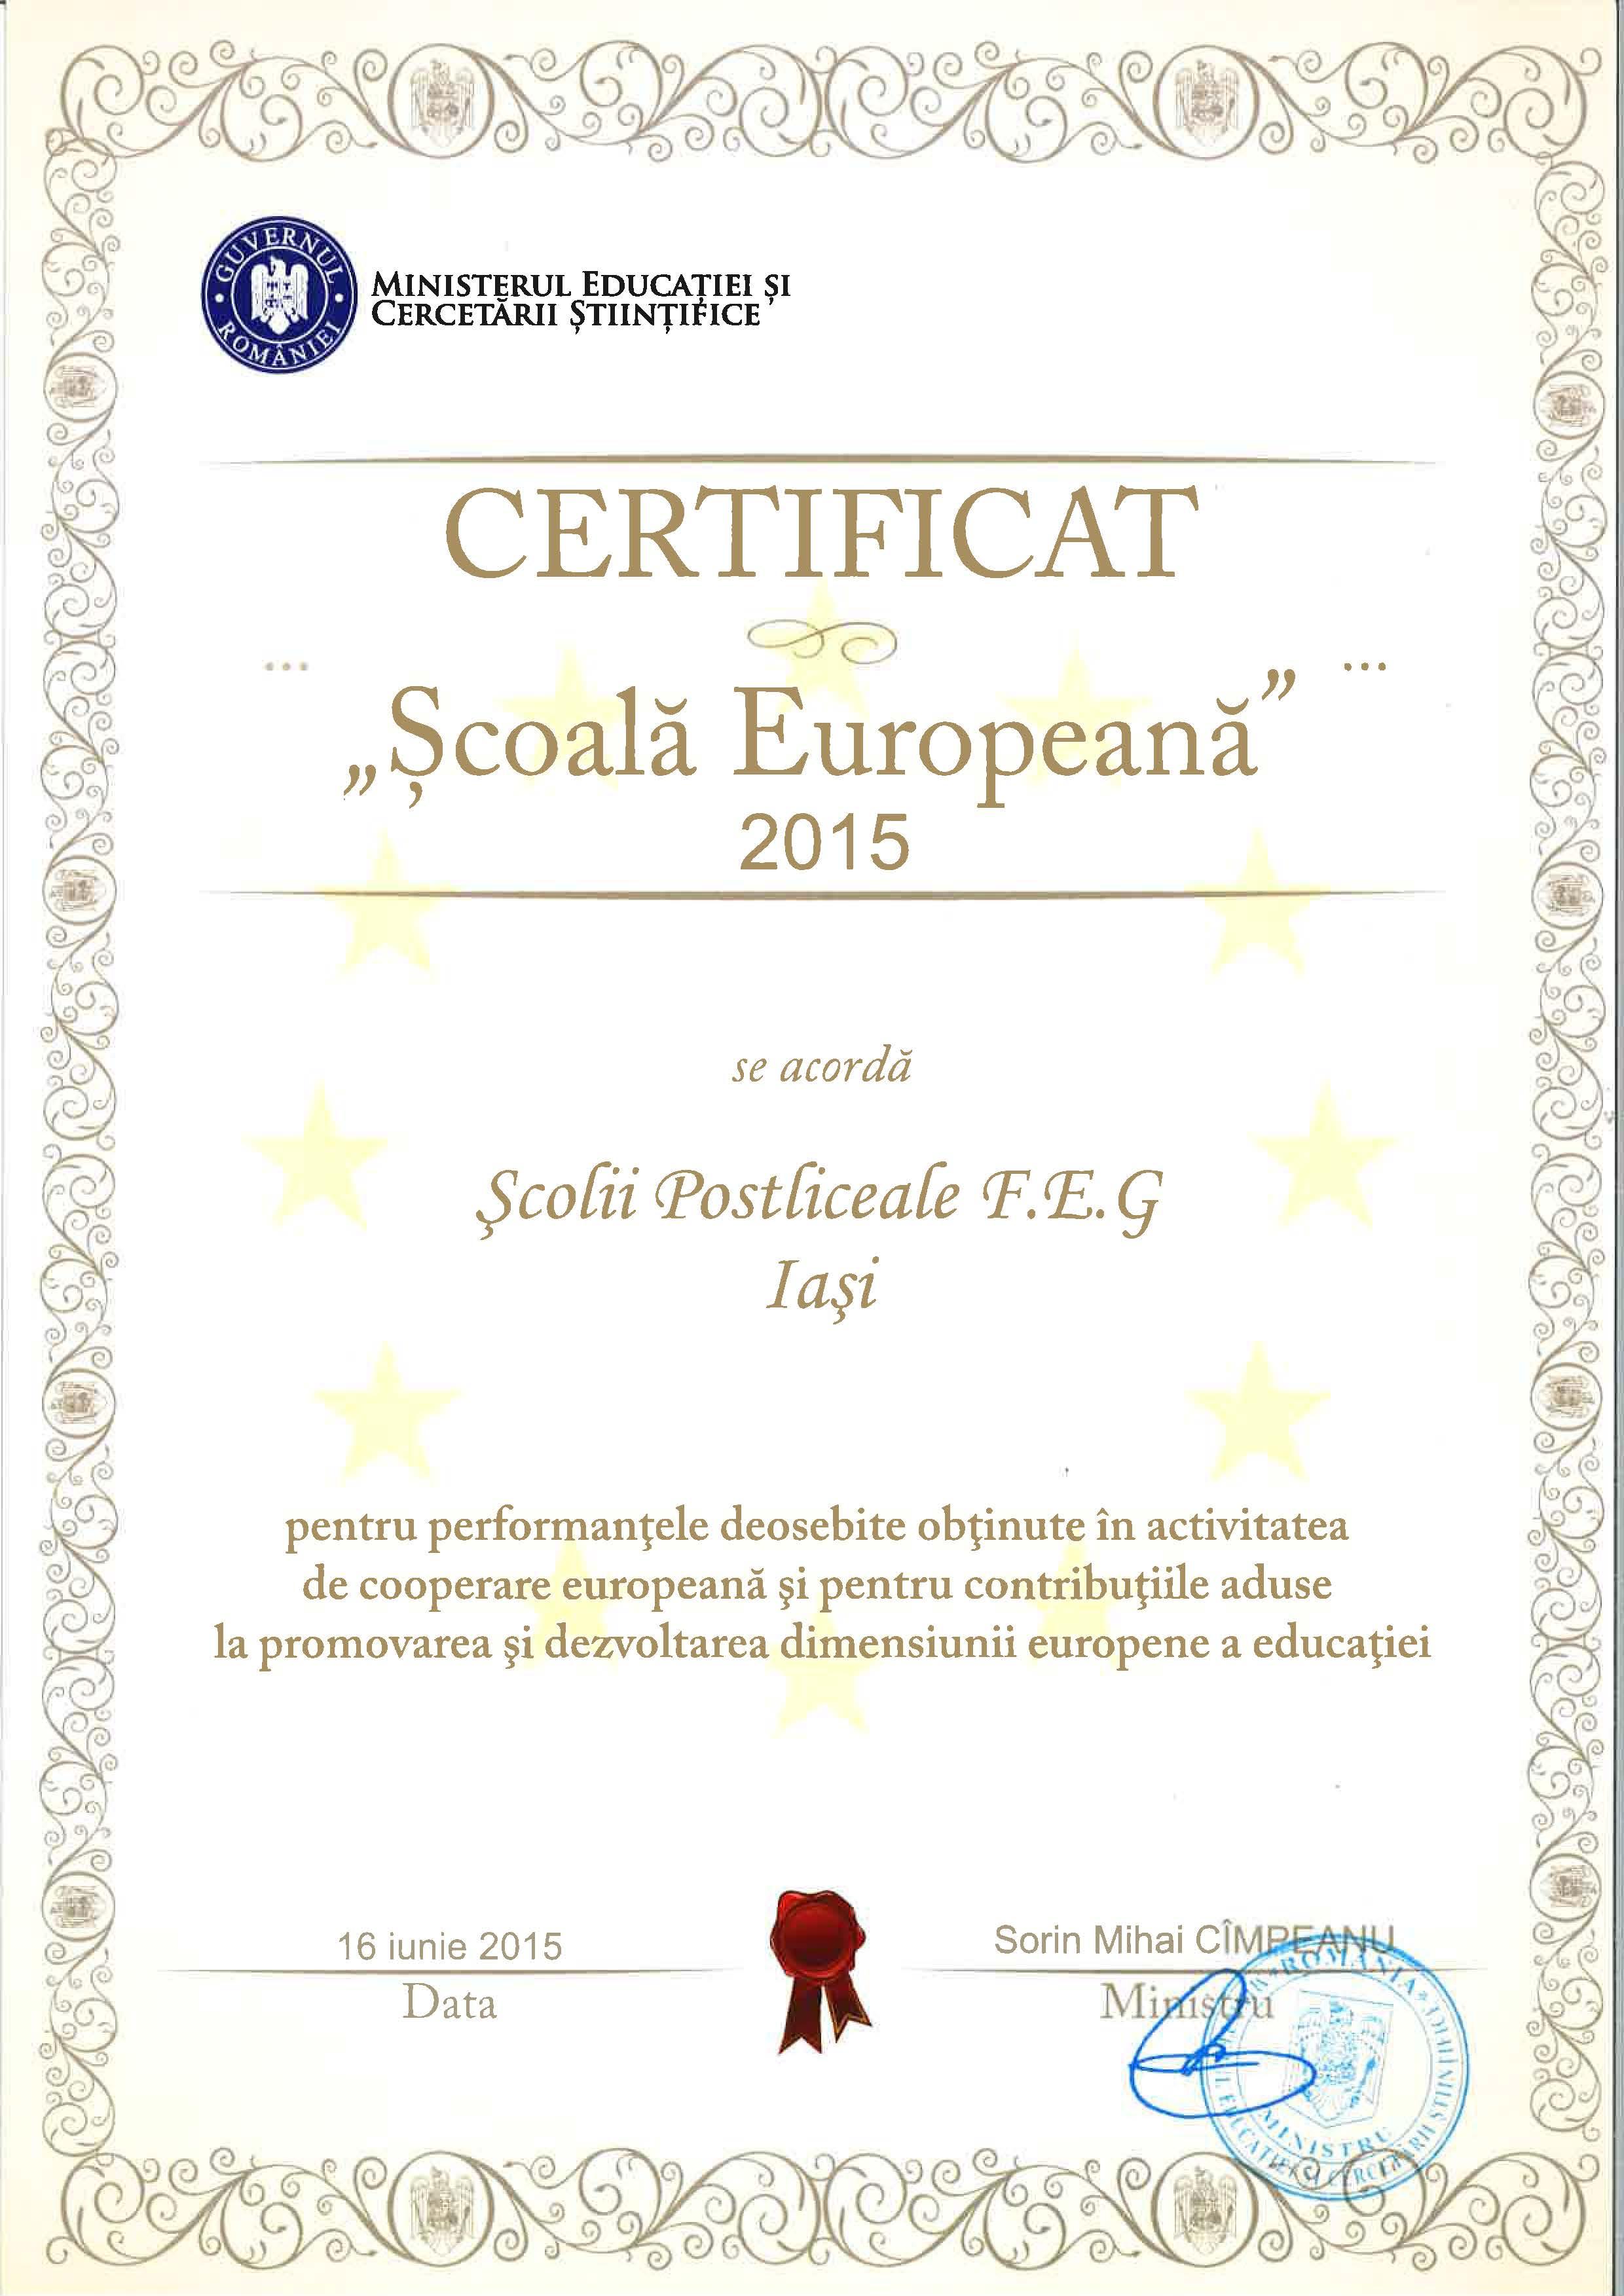 certificat scoala europeana 2015